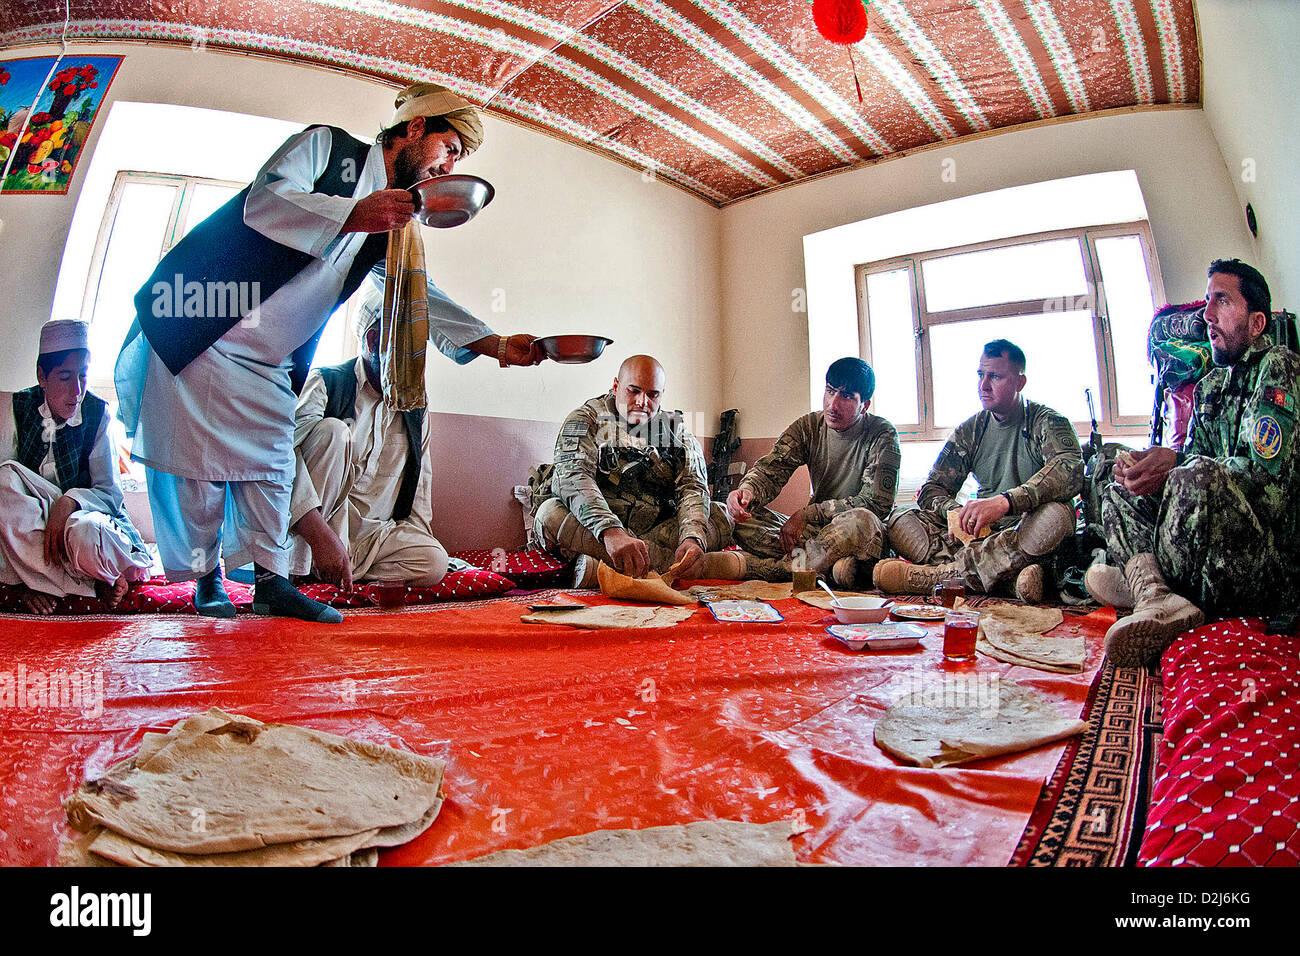 Un villageois afghans nous offre de la nourriture aux soldats de l'armée au cours d'une réunion Photo Stock